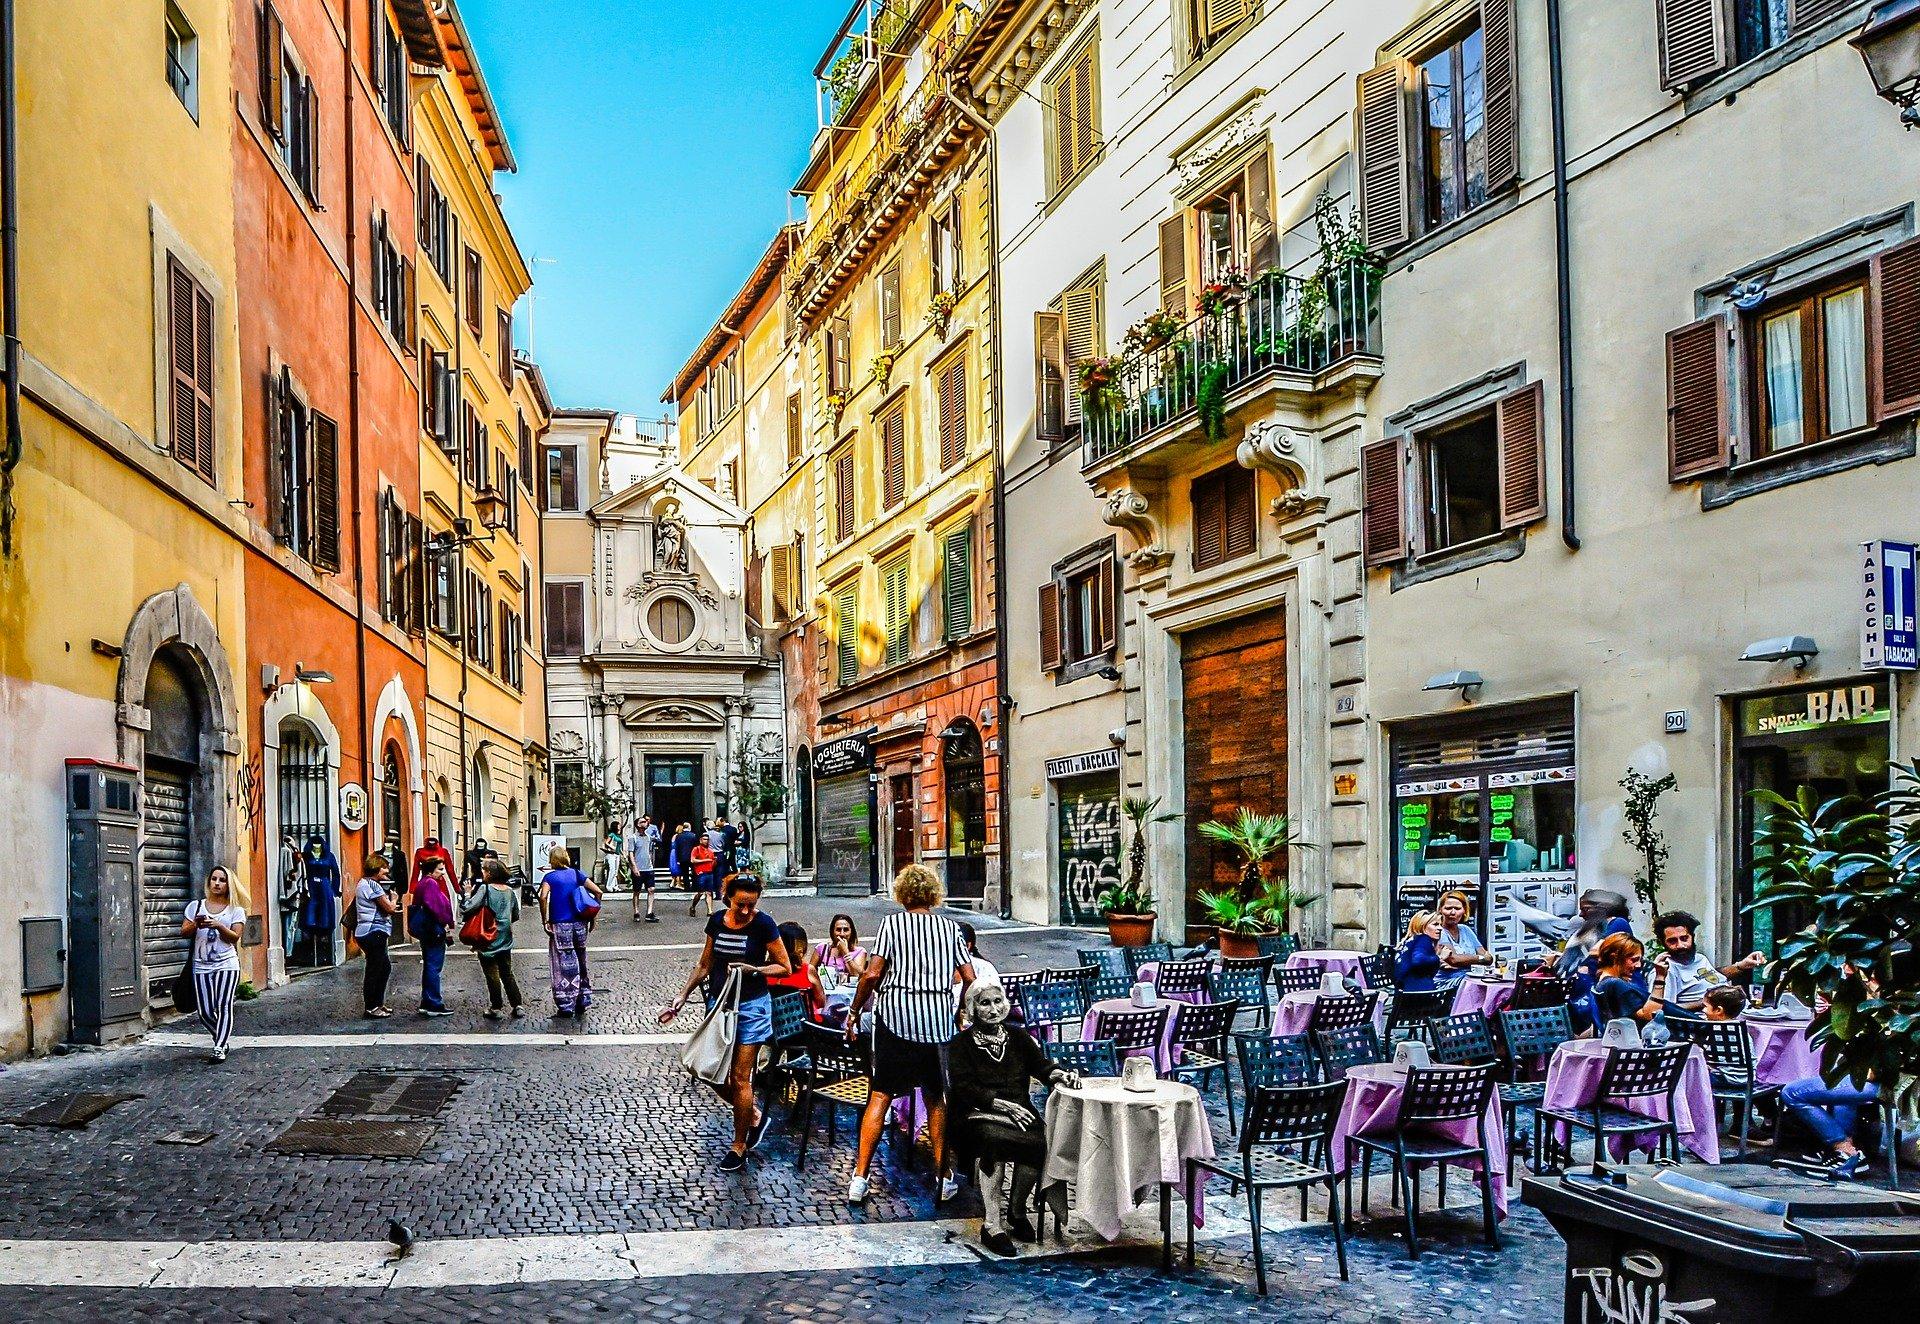 Rom Innenstadt, ein schönes Cafe in einer belebten Seitenstraße |Flug und Hotel in Rom gefunden bei BAVOU.DE